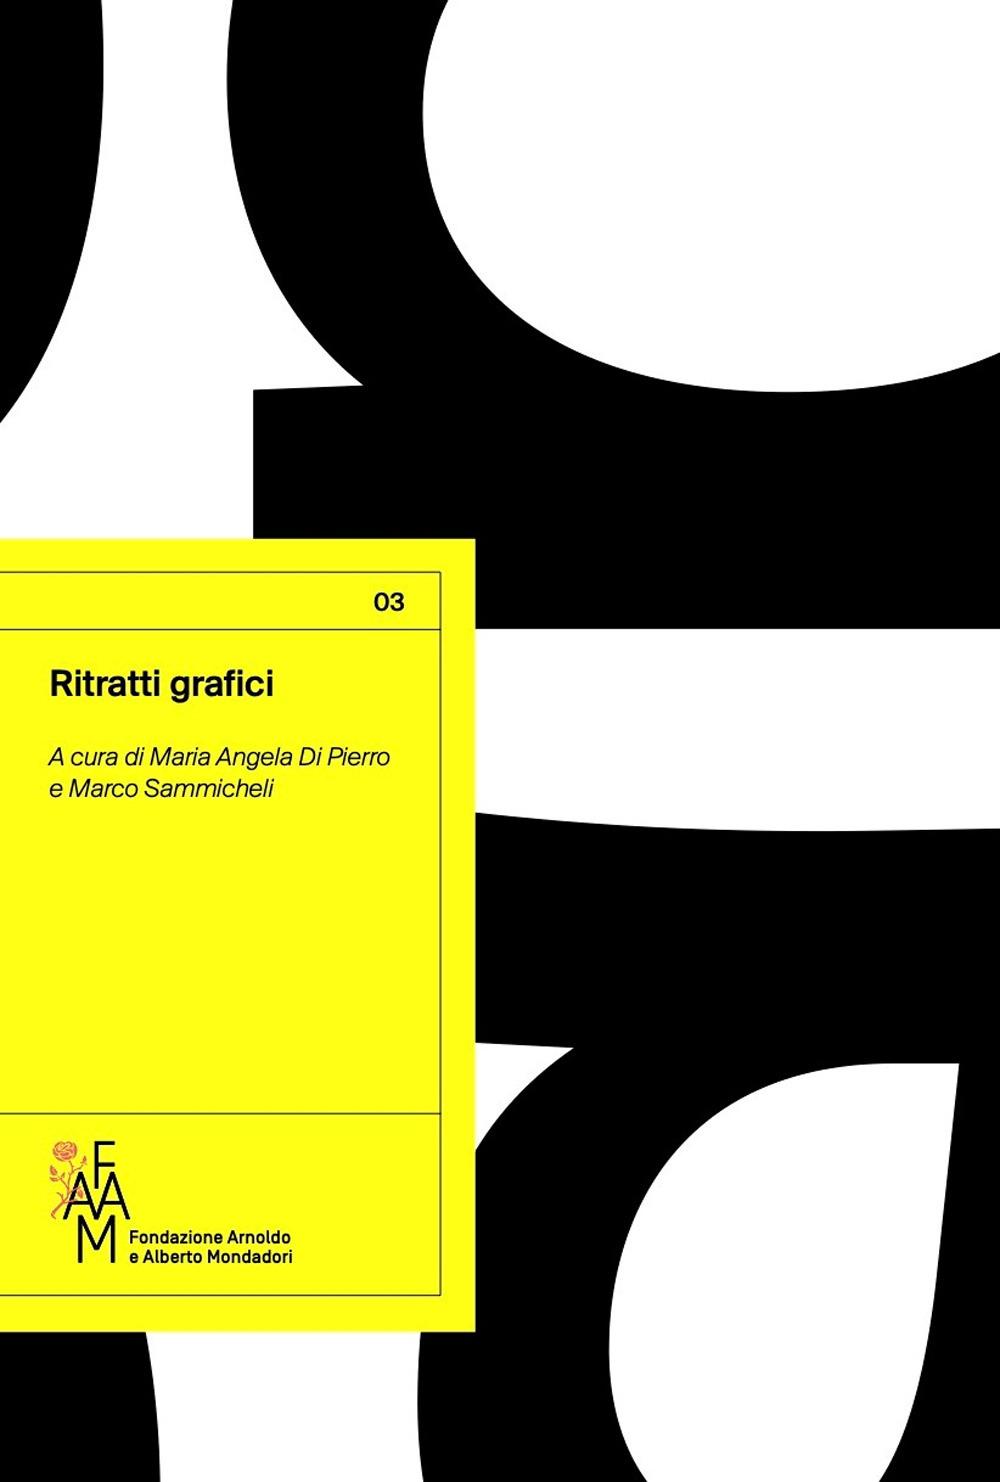 Image of Ritratti grafici